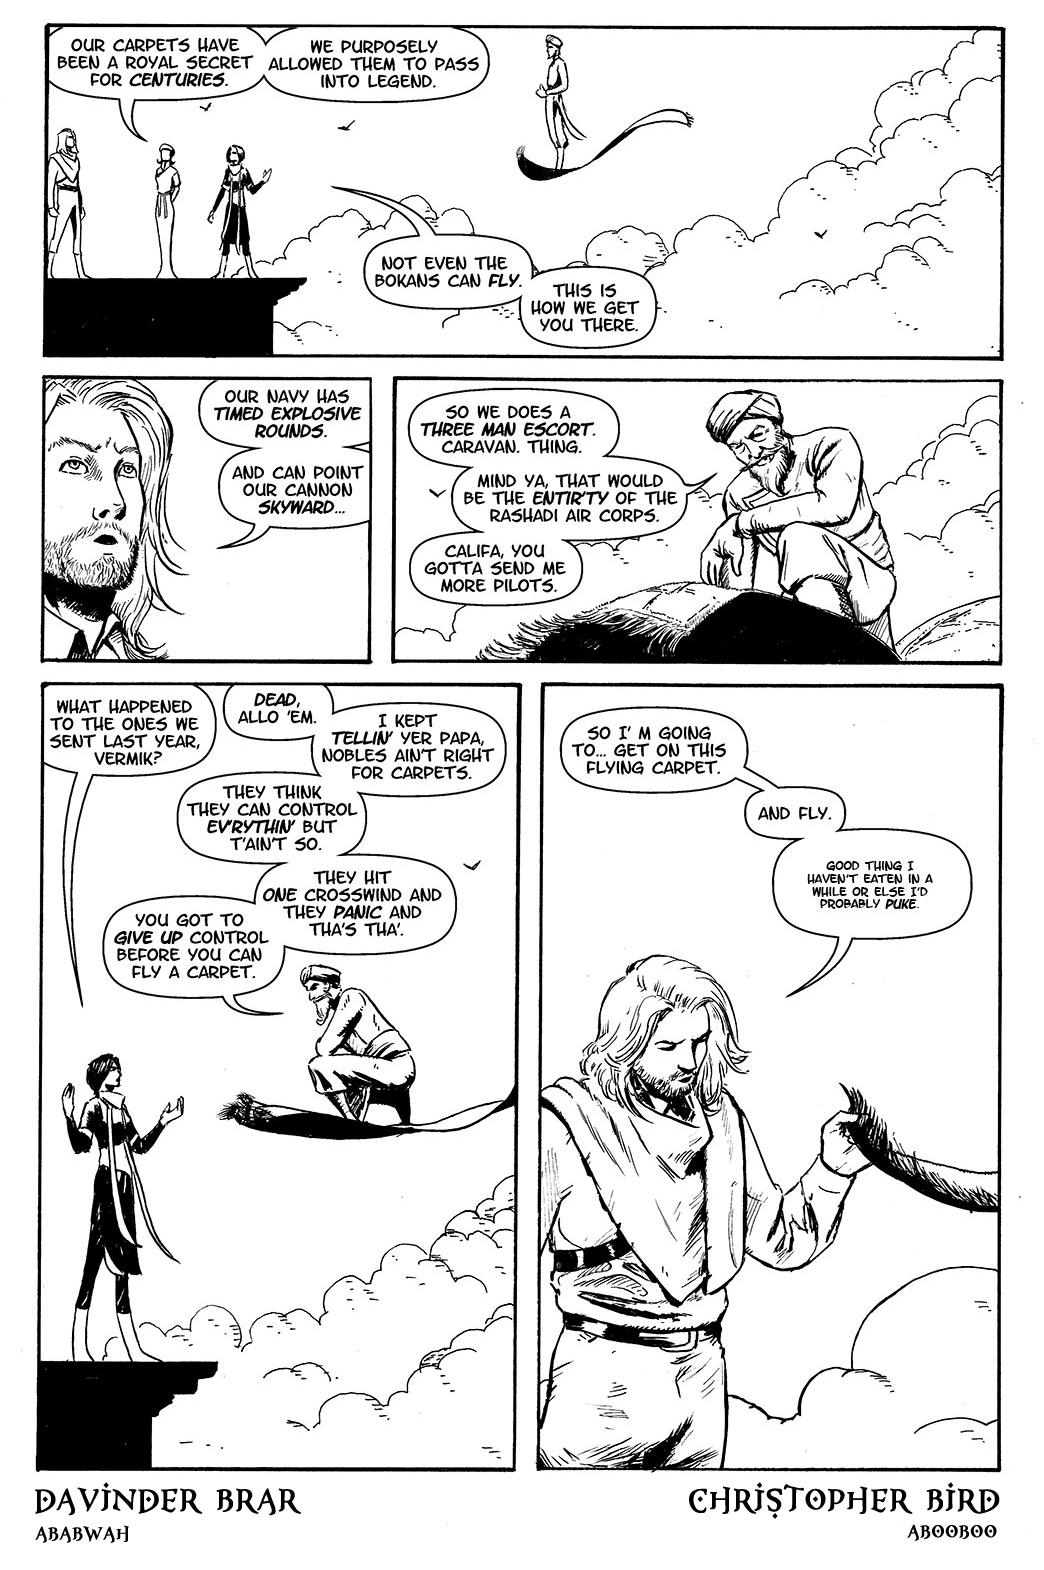 Book Seven, Page Eleven